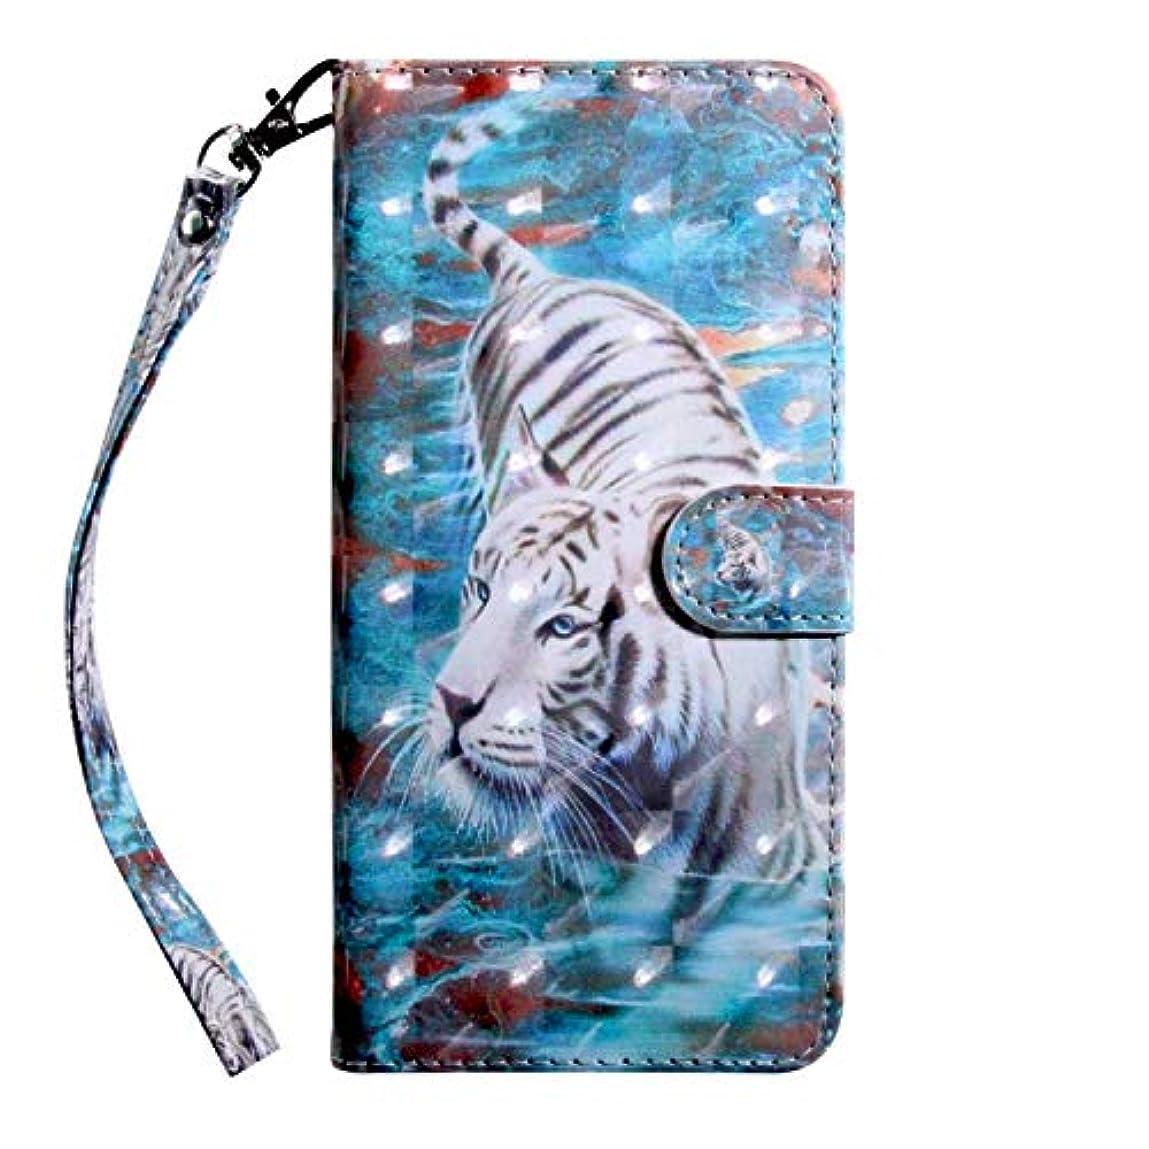 アソシエイトドリンク不良Huawei P30 Lite 手帳型 ケース, Zeebox® 高級PUレザー 薄型 簡約風 人気 財布型 ケース, カード収納 スタンド 機能 マグネット開閉式, 虎